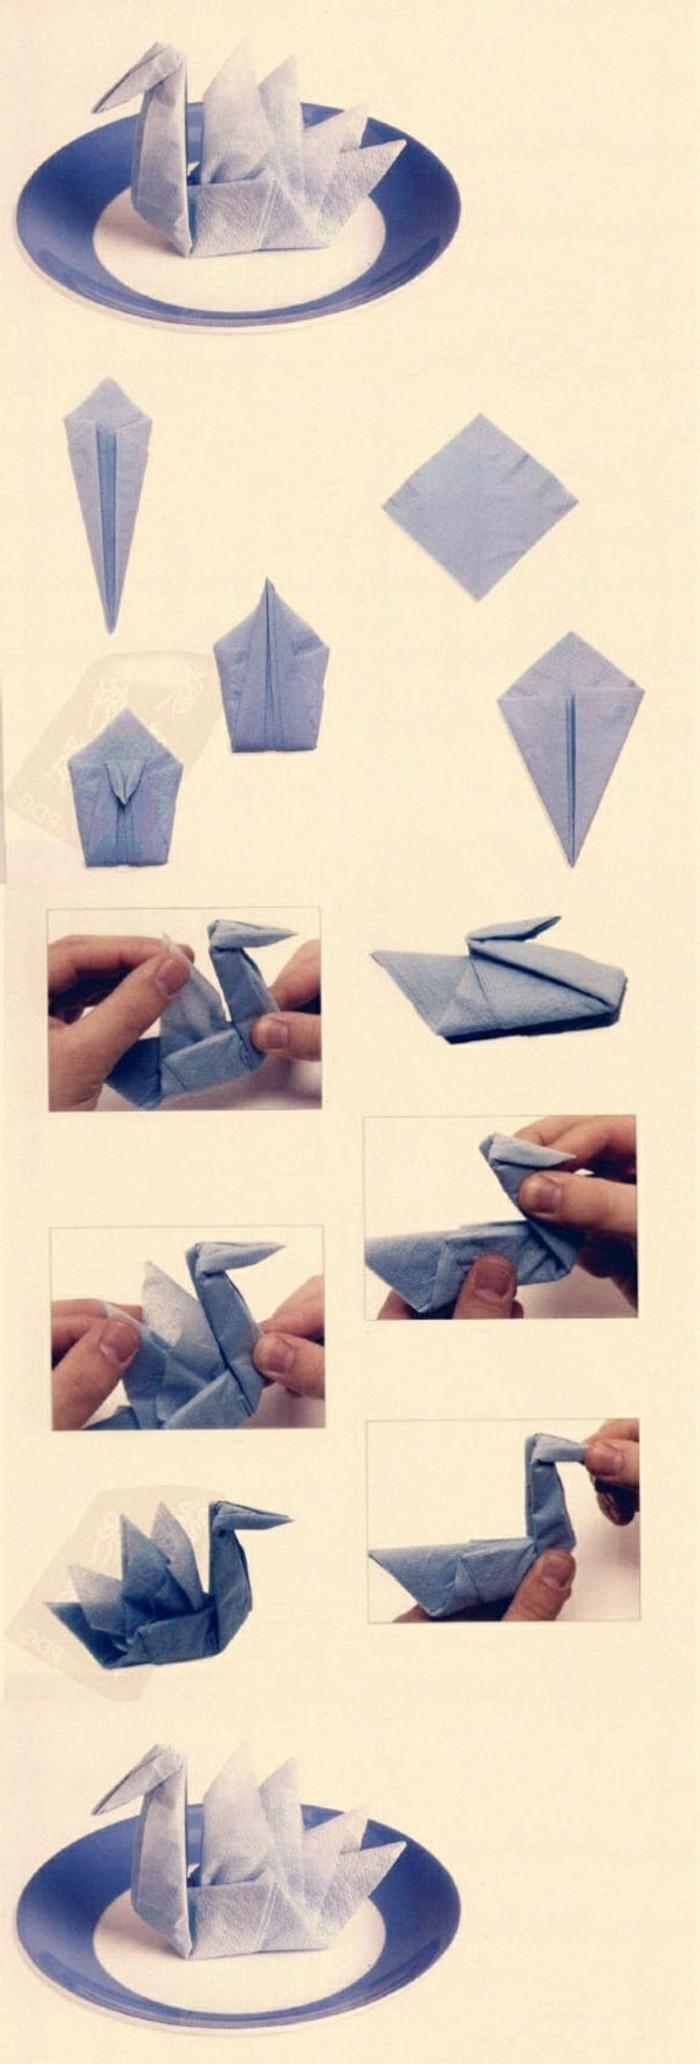 pliage-serviette-simple-etapes